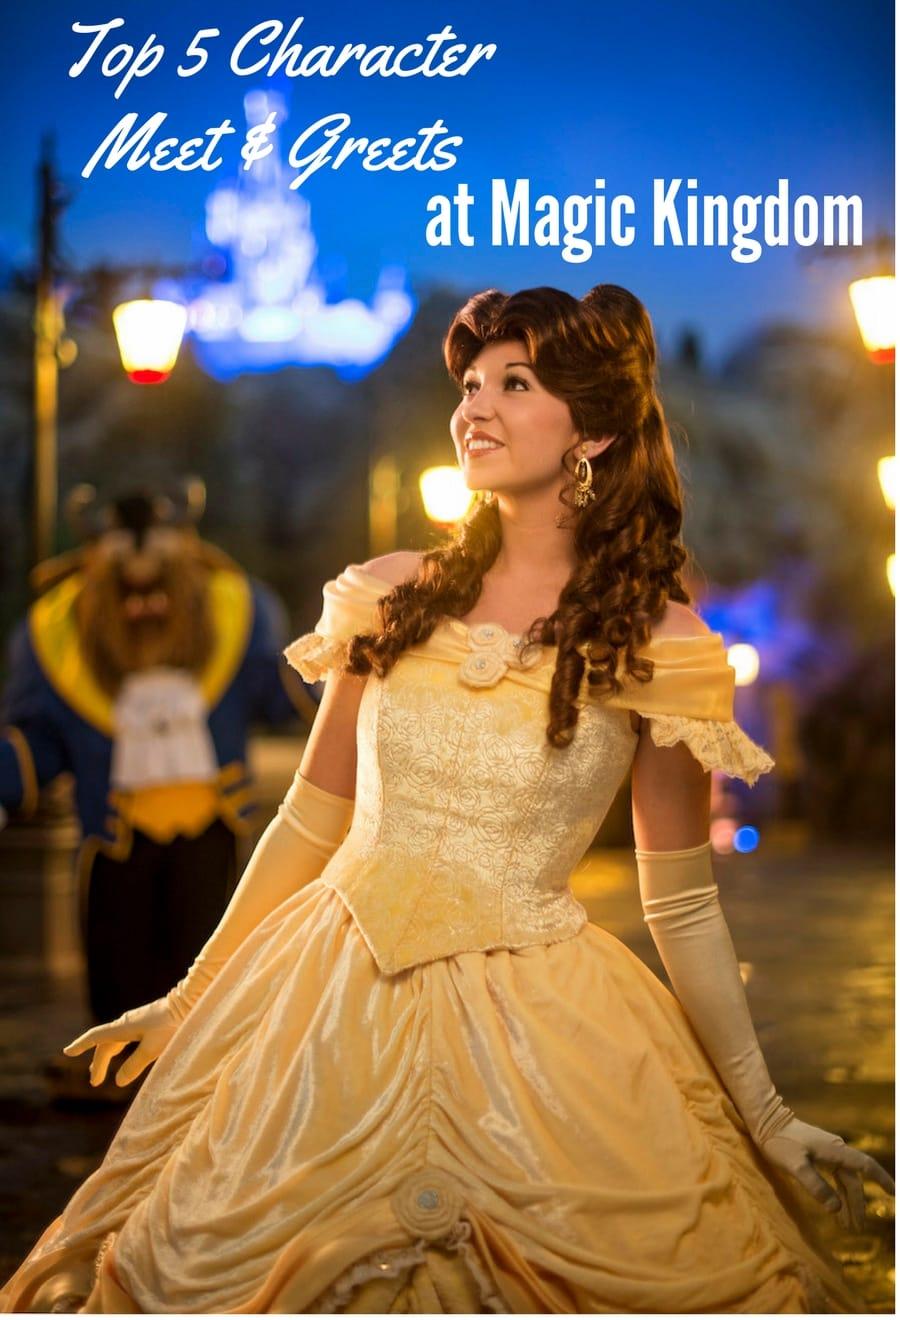 Character Meet and Greets At Magic Kingdom